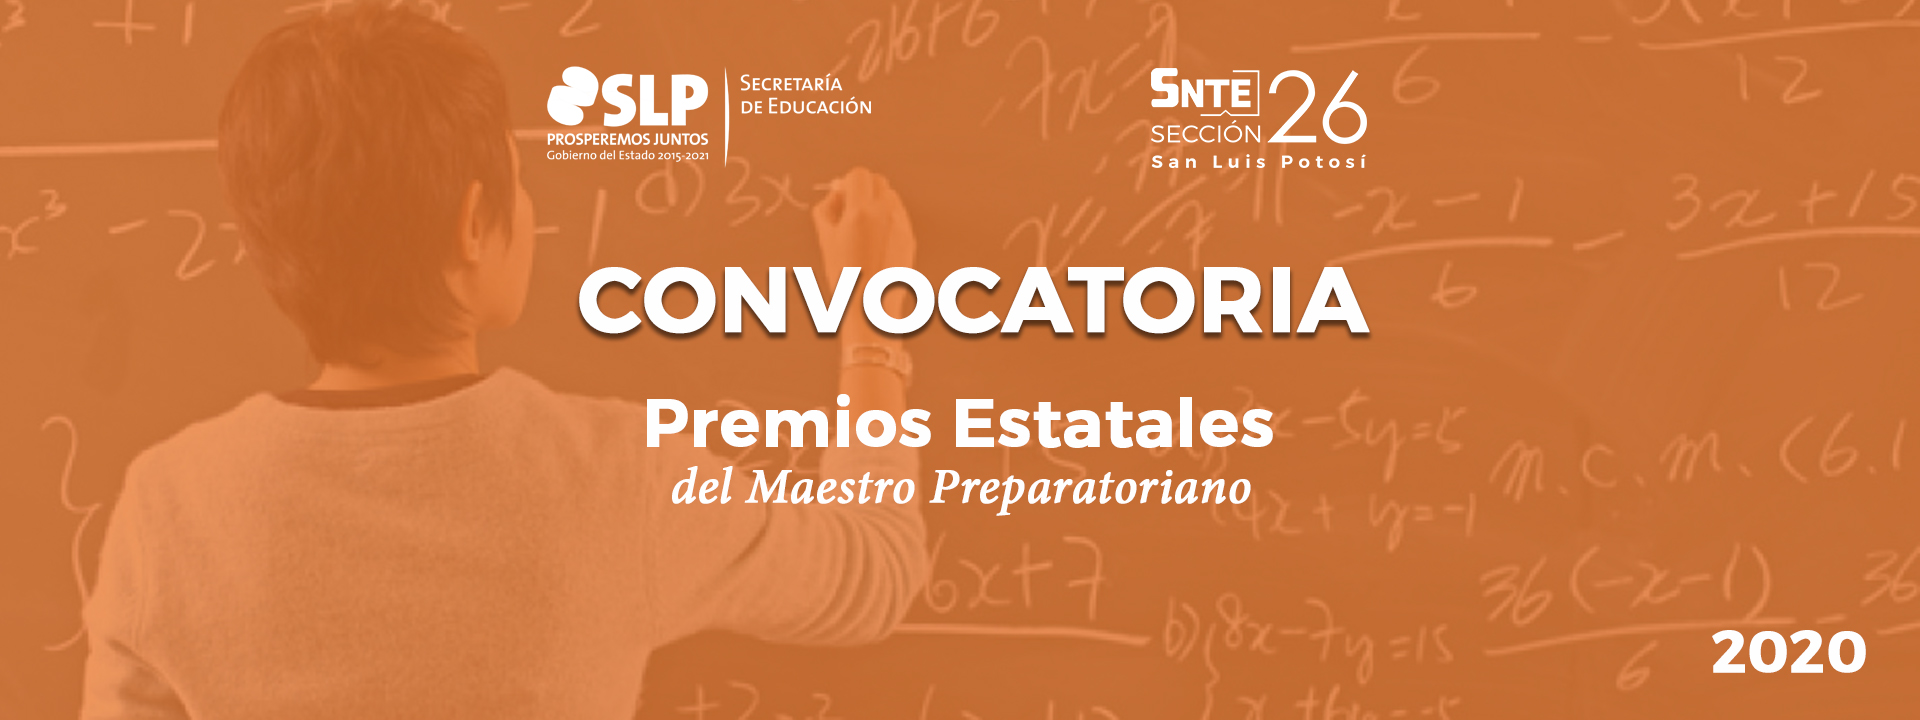 Premios Estatales del Maestro Preparatoriano